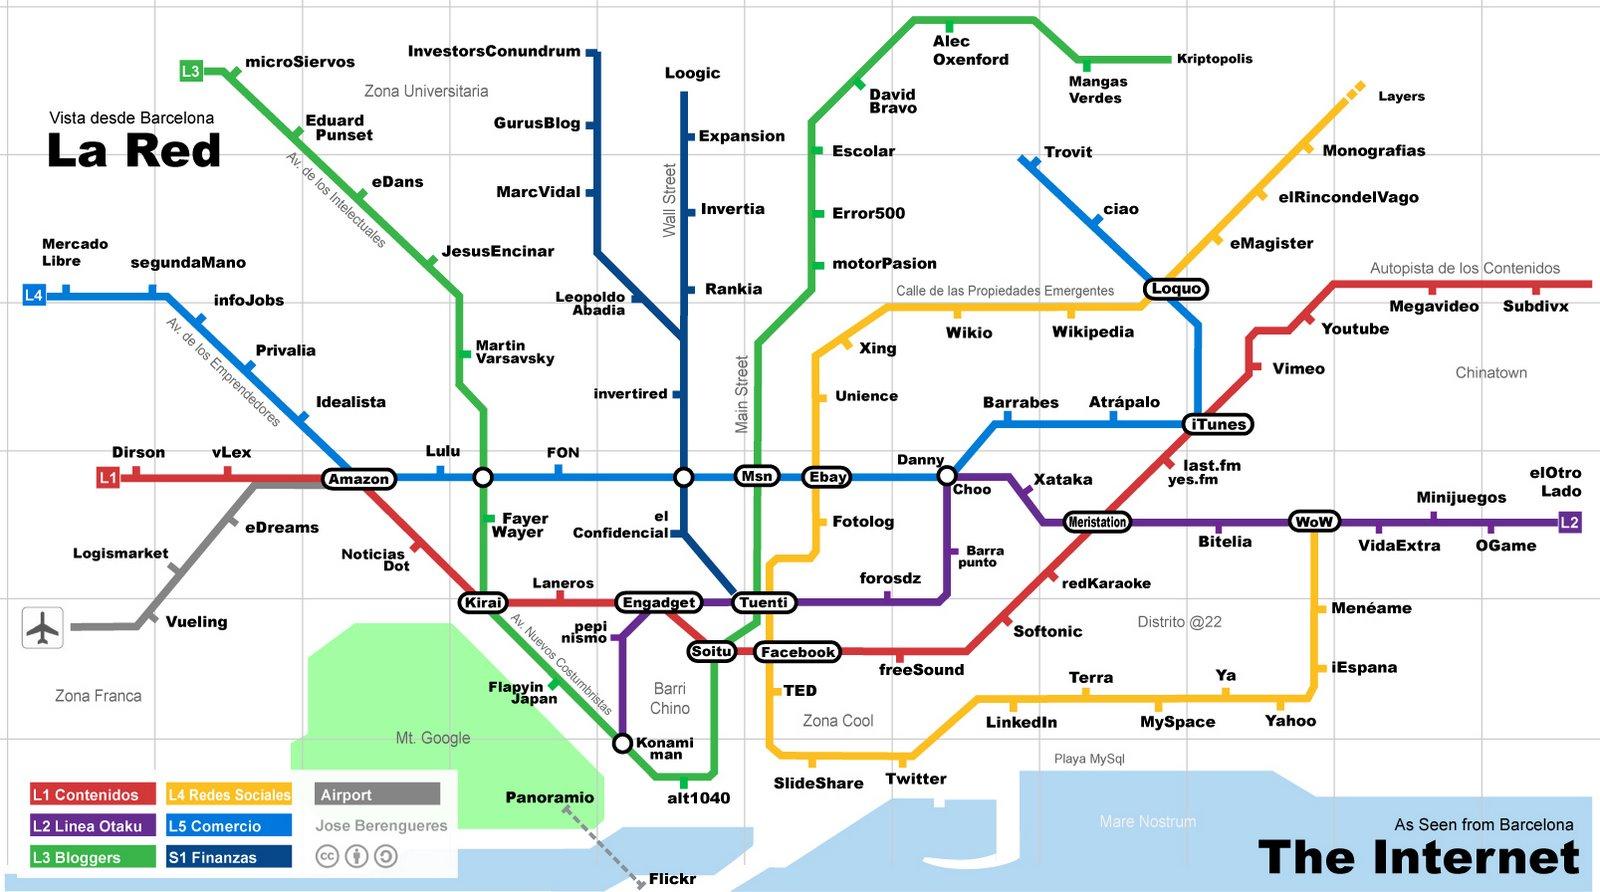 Sois visitantes asiduos de las estaciones que véis en el plano?